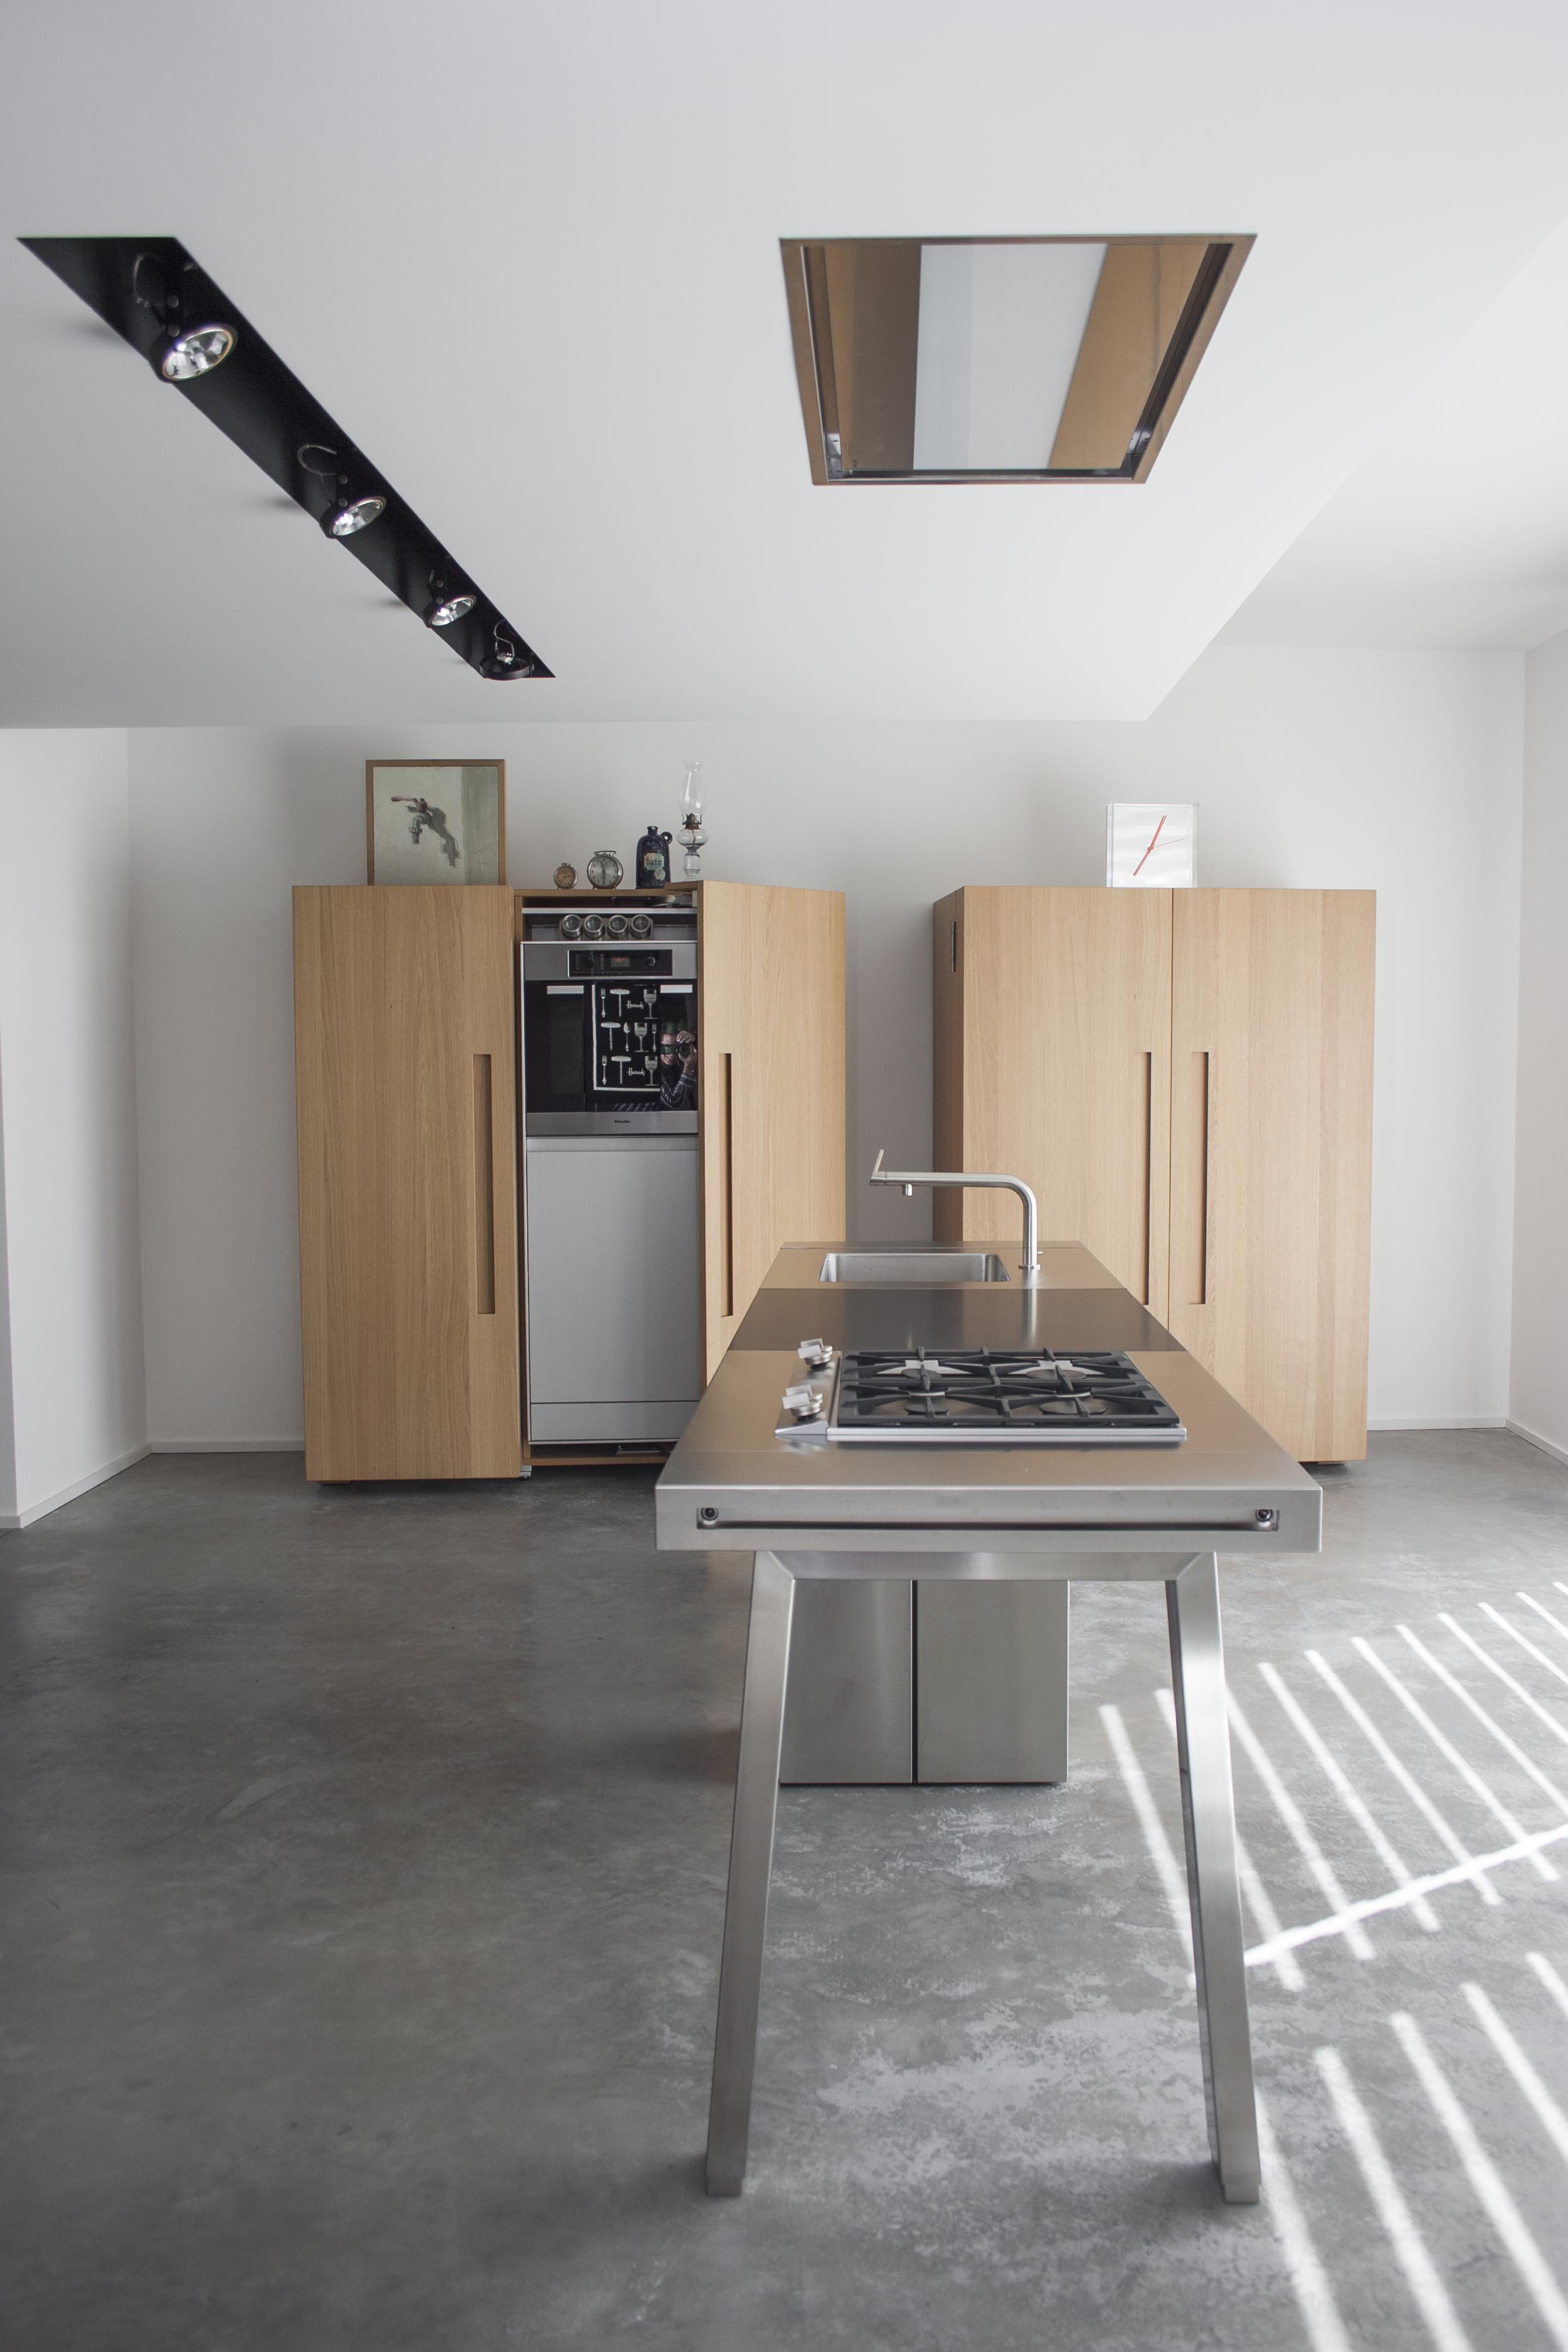 Cucina:  B2 ,   Bulthaup